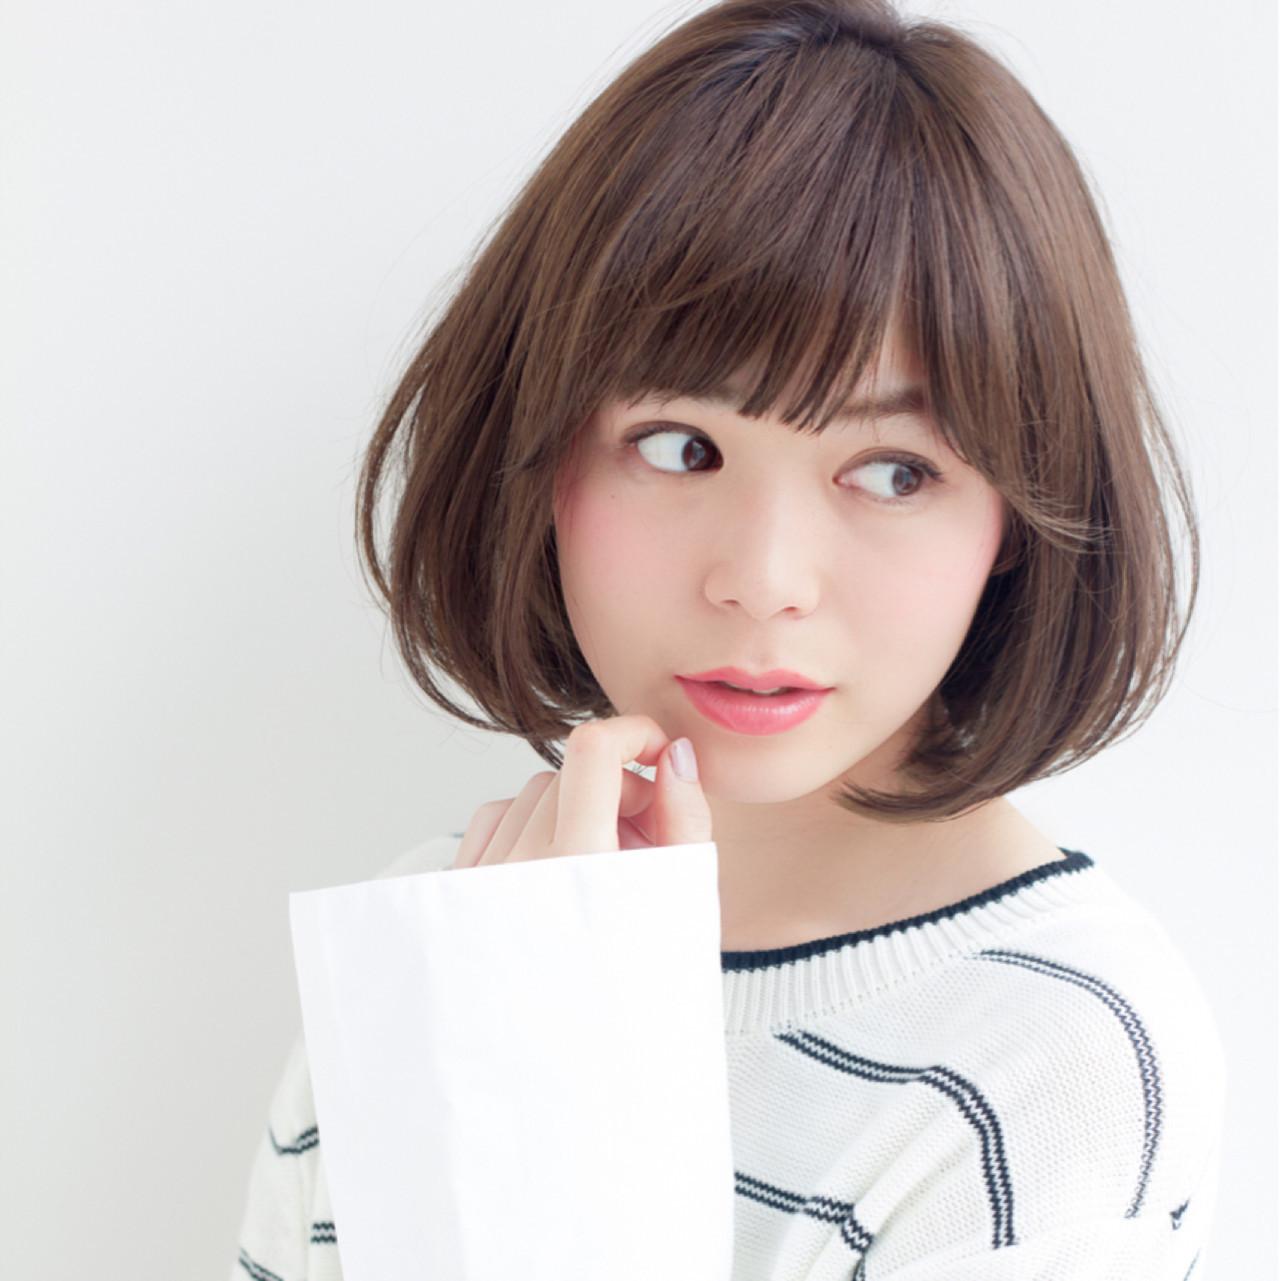 朝も楽チン!定番モテスタイルはストレートボブで決まり♡ 東 純平